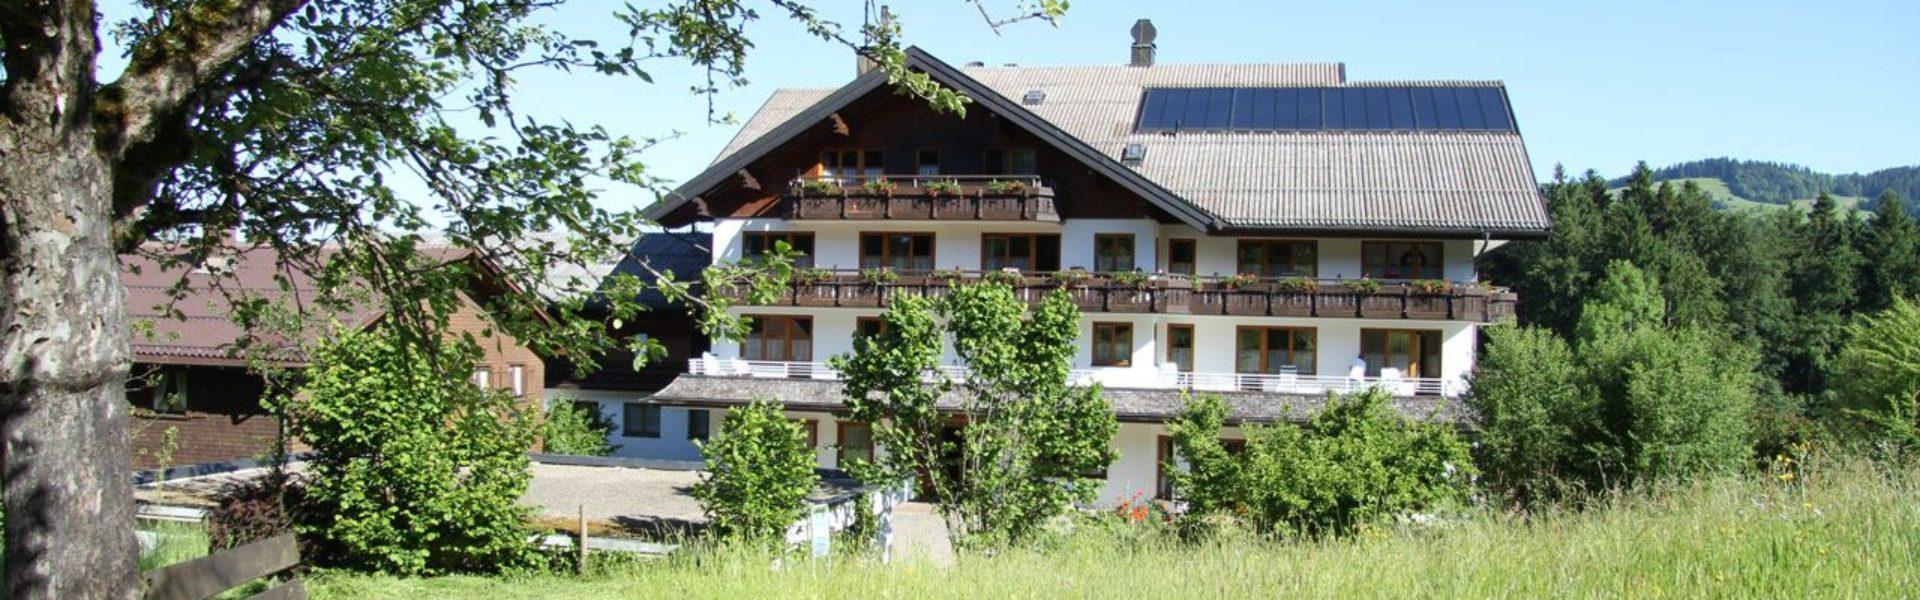 Wellnesshotel Rossbad, Krumbach, Bregenzerwald © Auszeithotel Rossbad